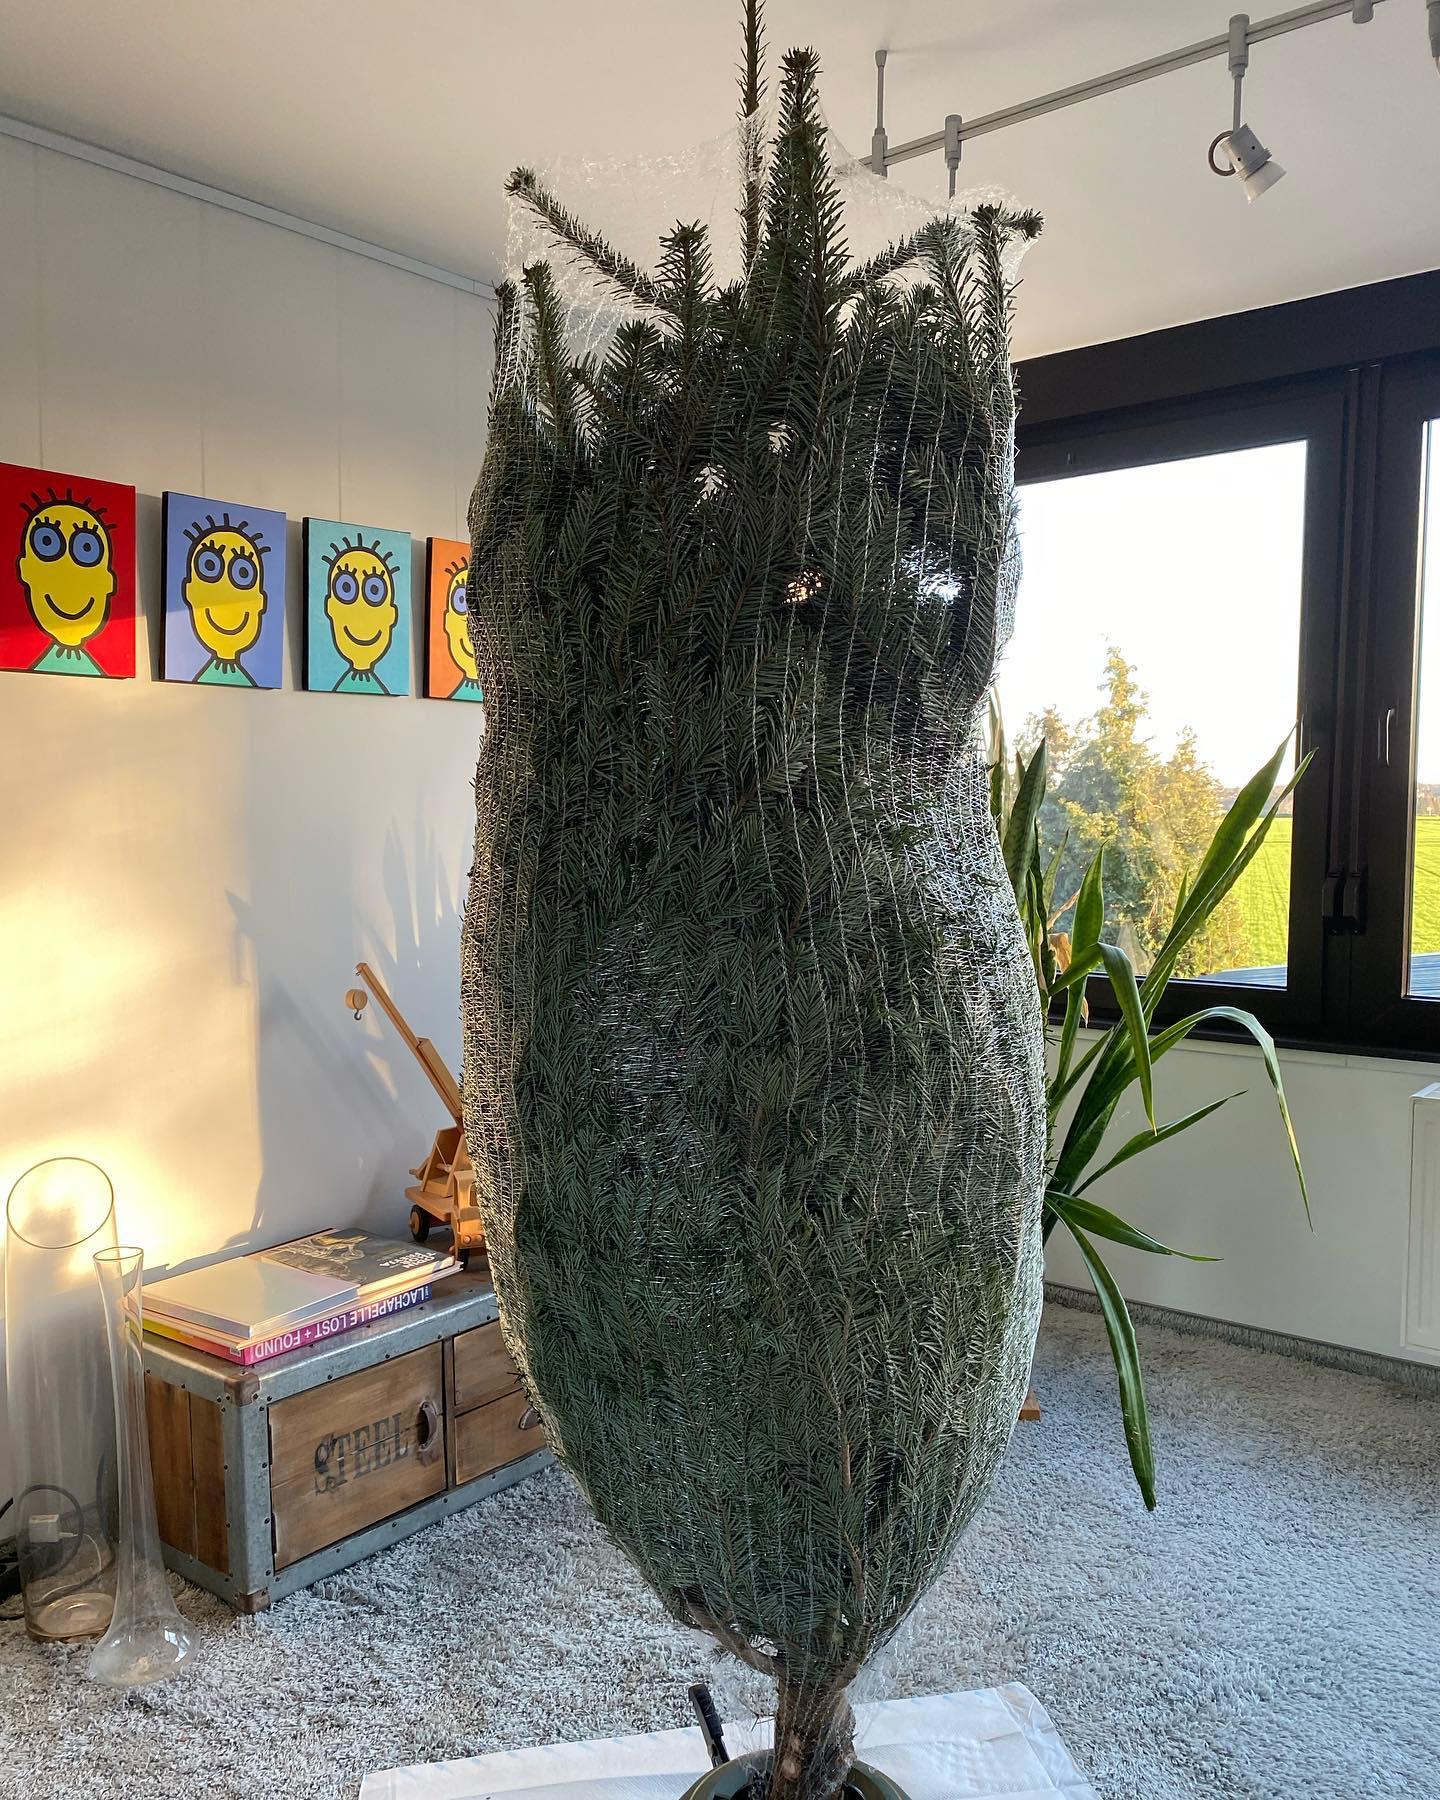 Weihnachten 🧑 ist im Anmarsch, wir haben mal einen schlanken Baum ins Wohnzimmer gestellt.